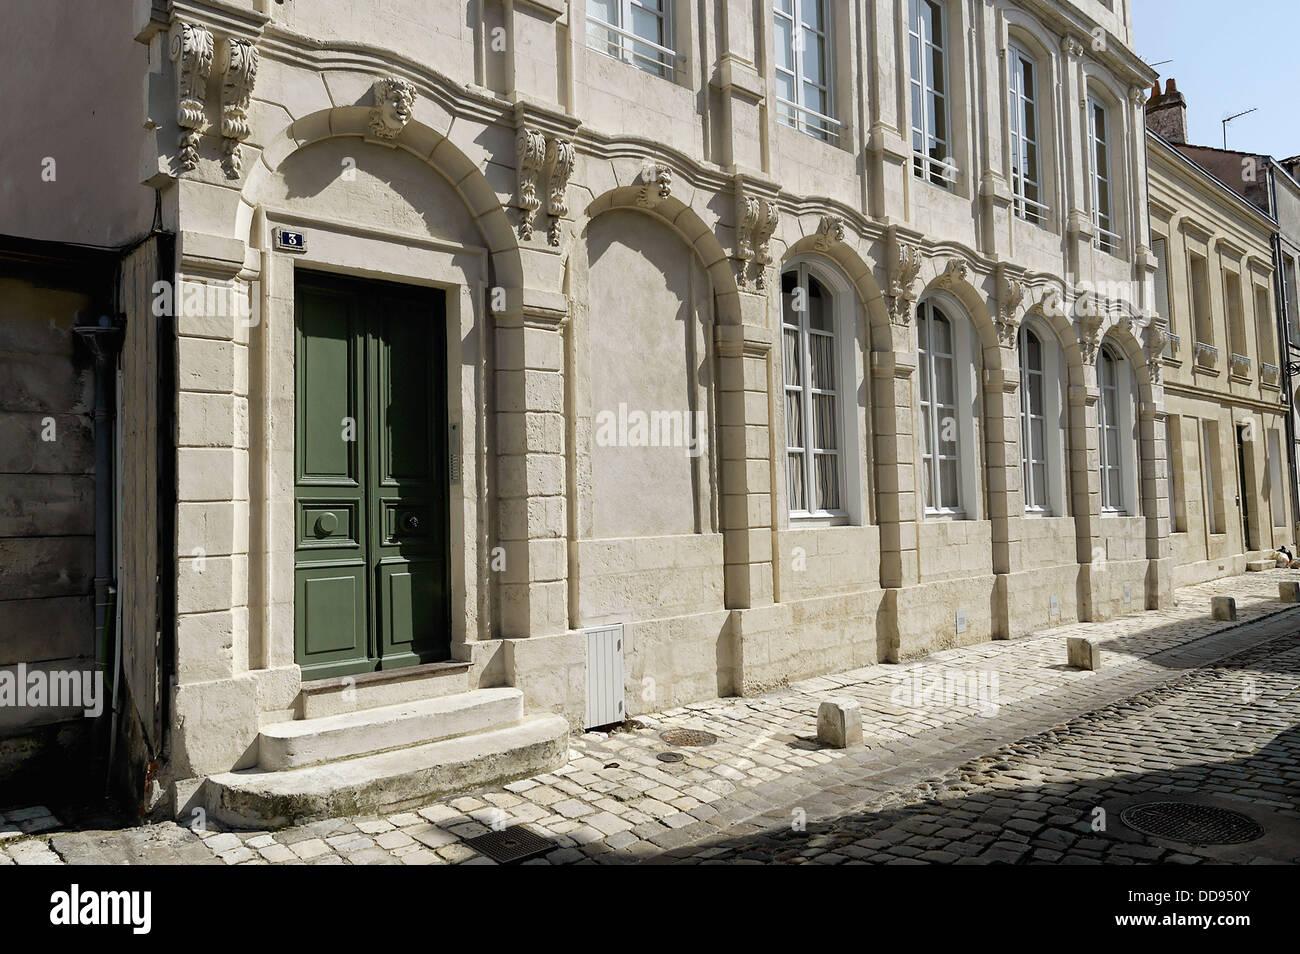 Die Nüchternheit und Adel der 18 th Jahrhundert Shipowners´ beherbergt. Die Stadt La Rochelle. Befestigten Stockbild